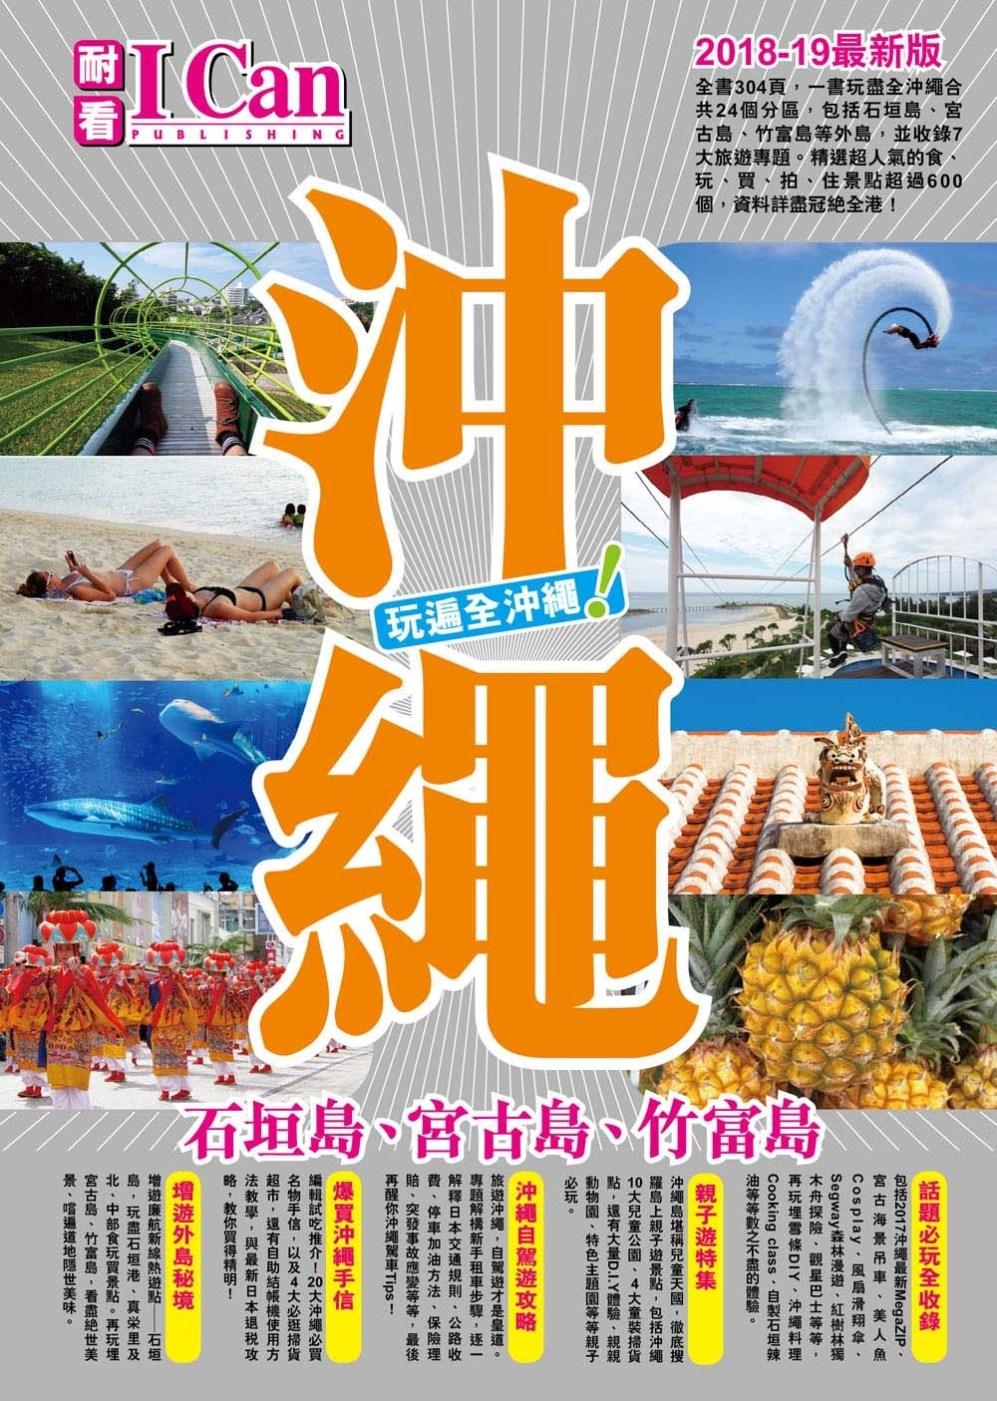 沖繩(2018-19最新版):石垣島、宮古島、竹富島 玩遍全沖繩!